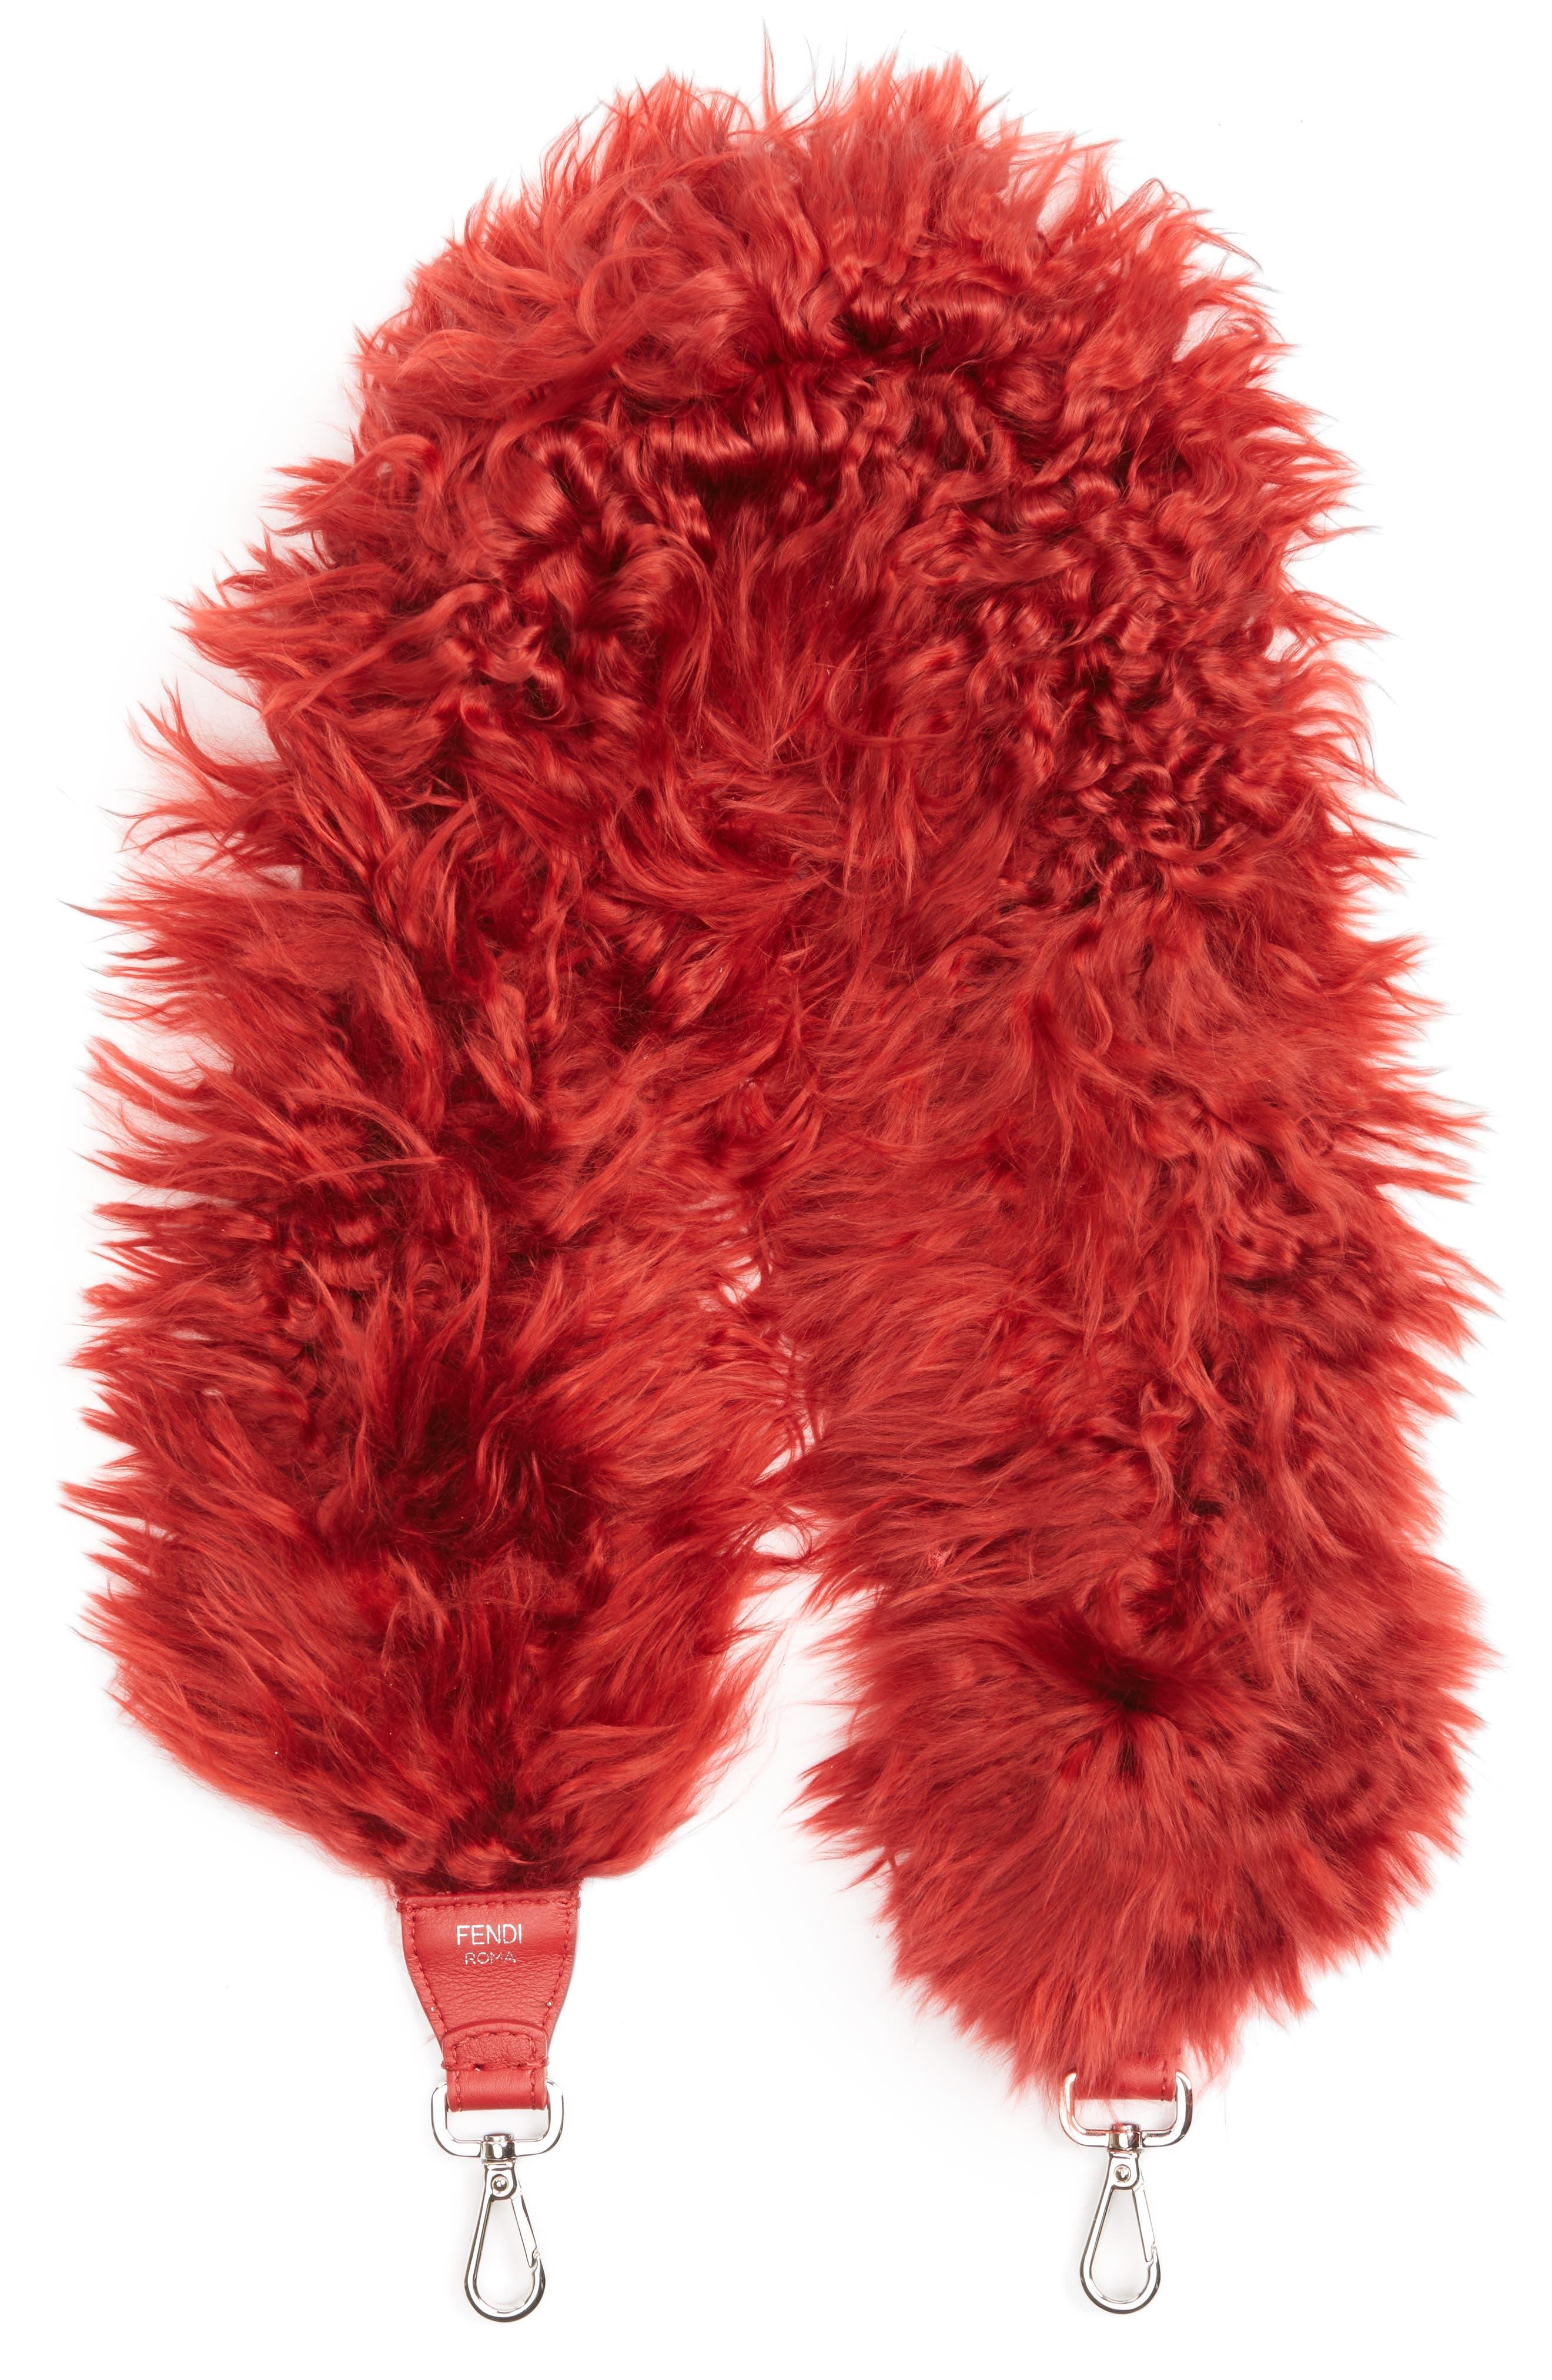 Alternate Image 1 Selected - Fendi Genuine Alpaca Fur Guitar Strap